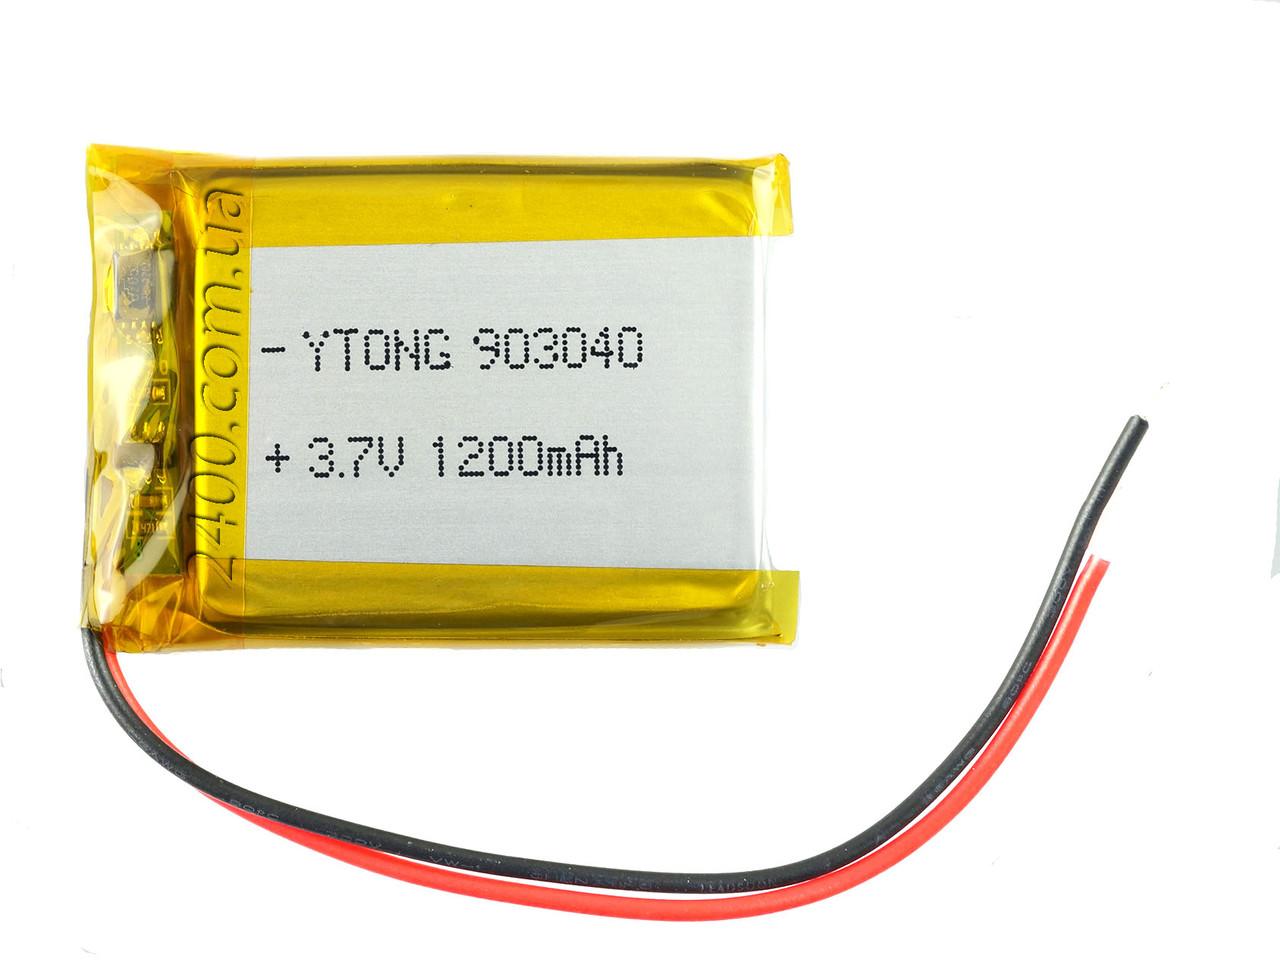 Аккумулятор 1200мАч 903040 3,7в для модемов, MP3 плееров, GPS навигаторов, електроных книг (1200mAh)